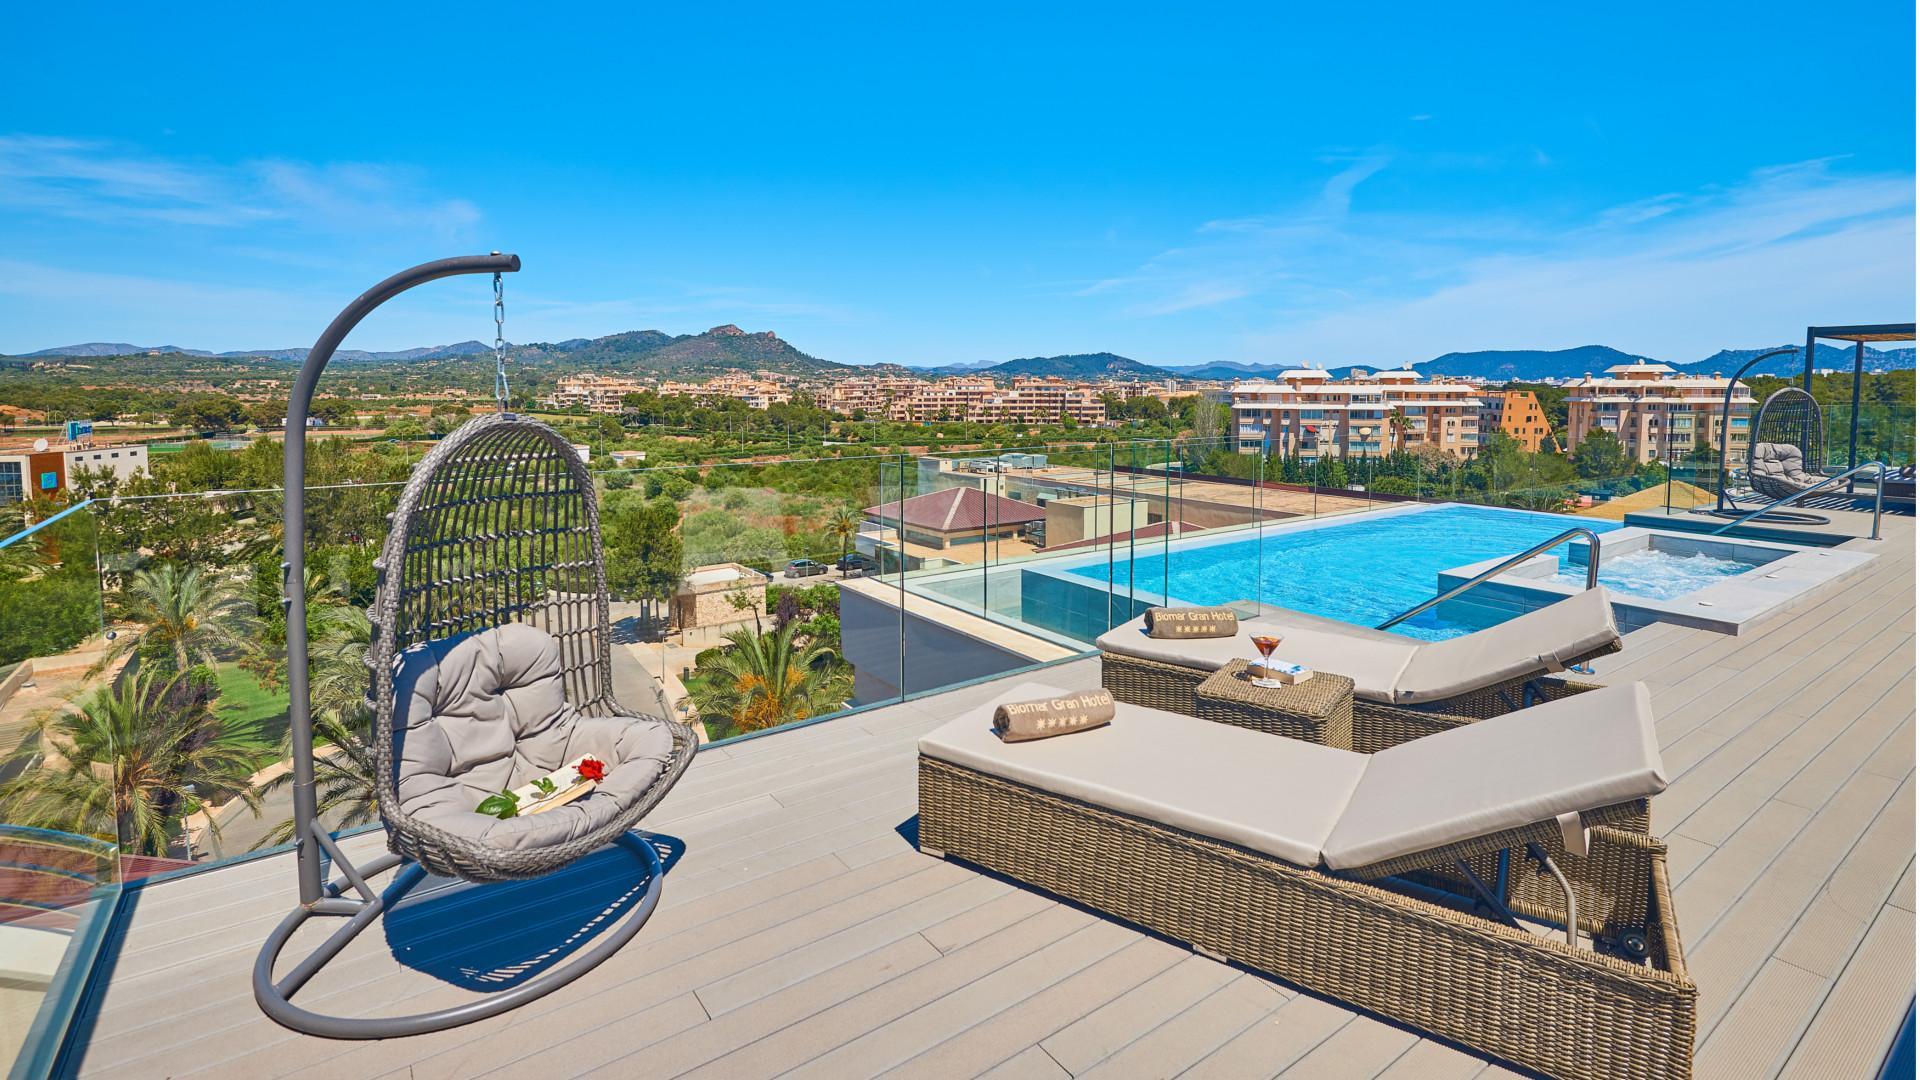 Habitacion Junior Suite Premium Jacuzzi Protur Biomar Gran Hotel Spa